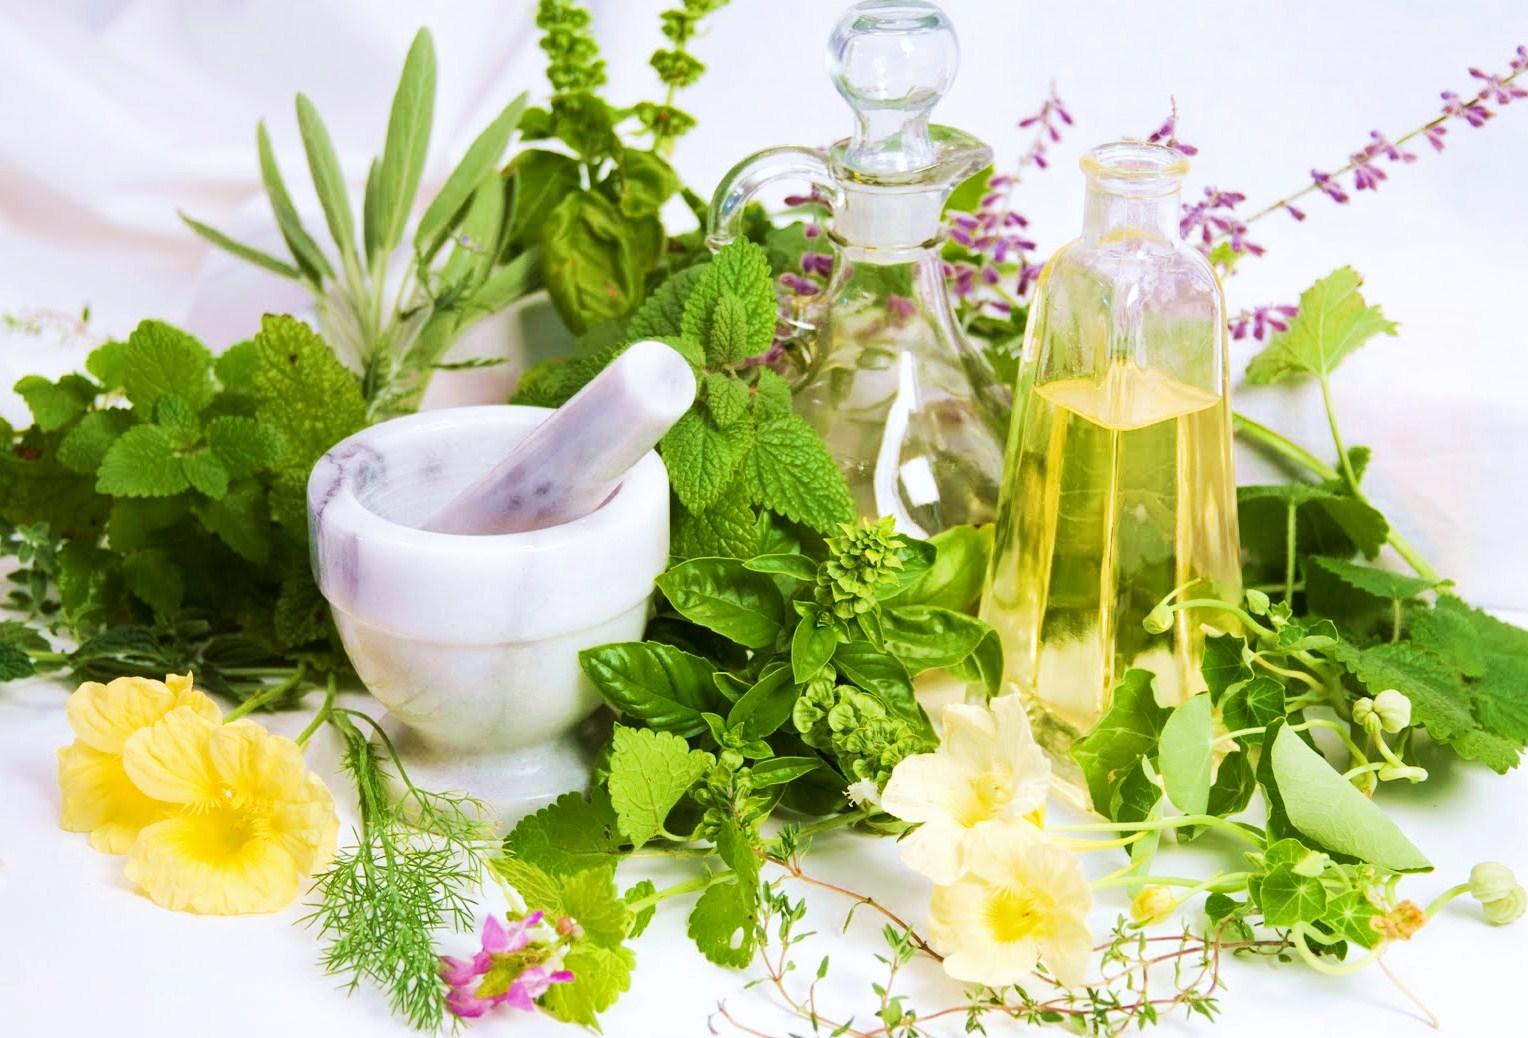 Τα βότανα που διαλύουν το ουρικό οξύ